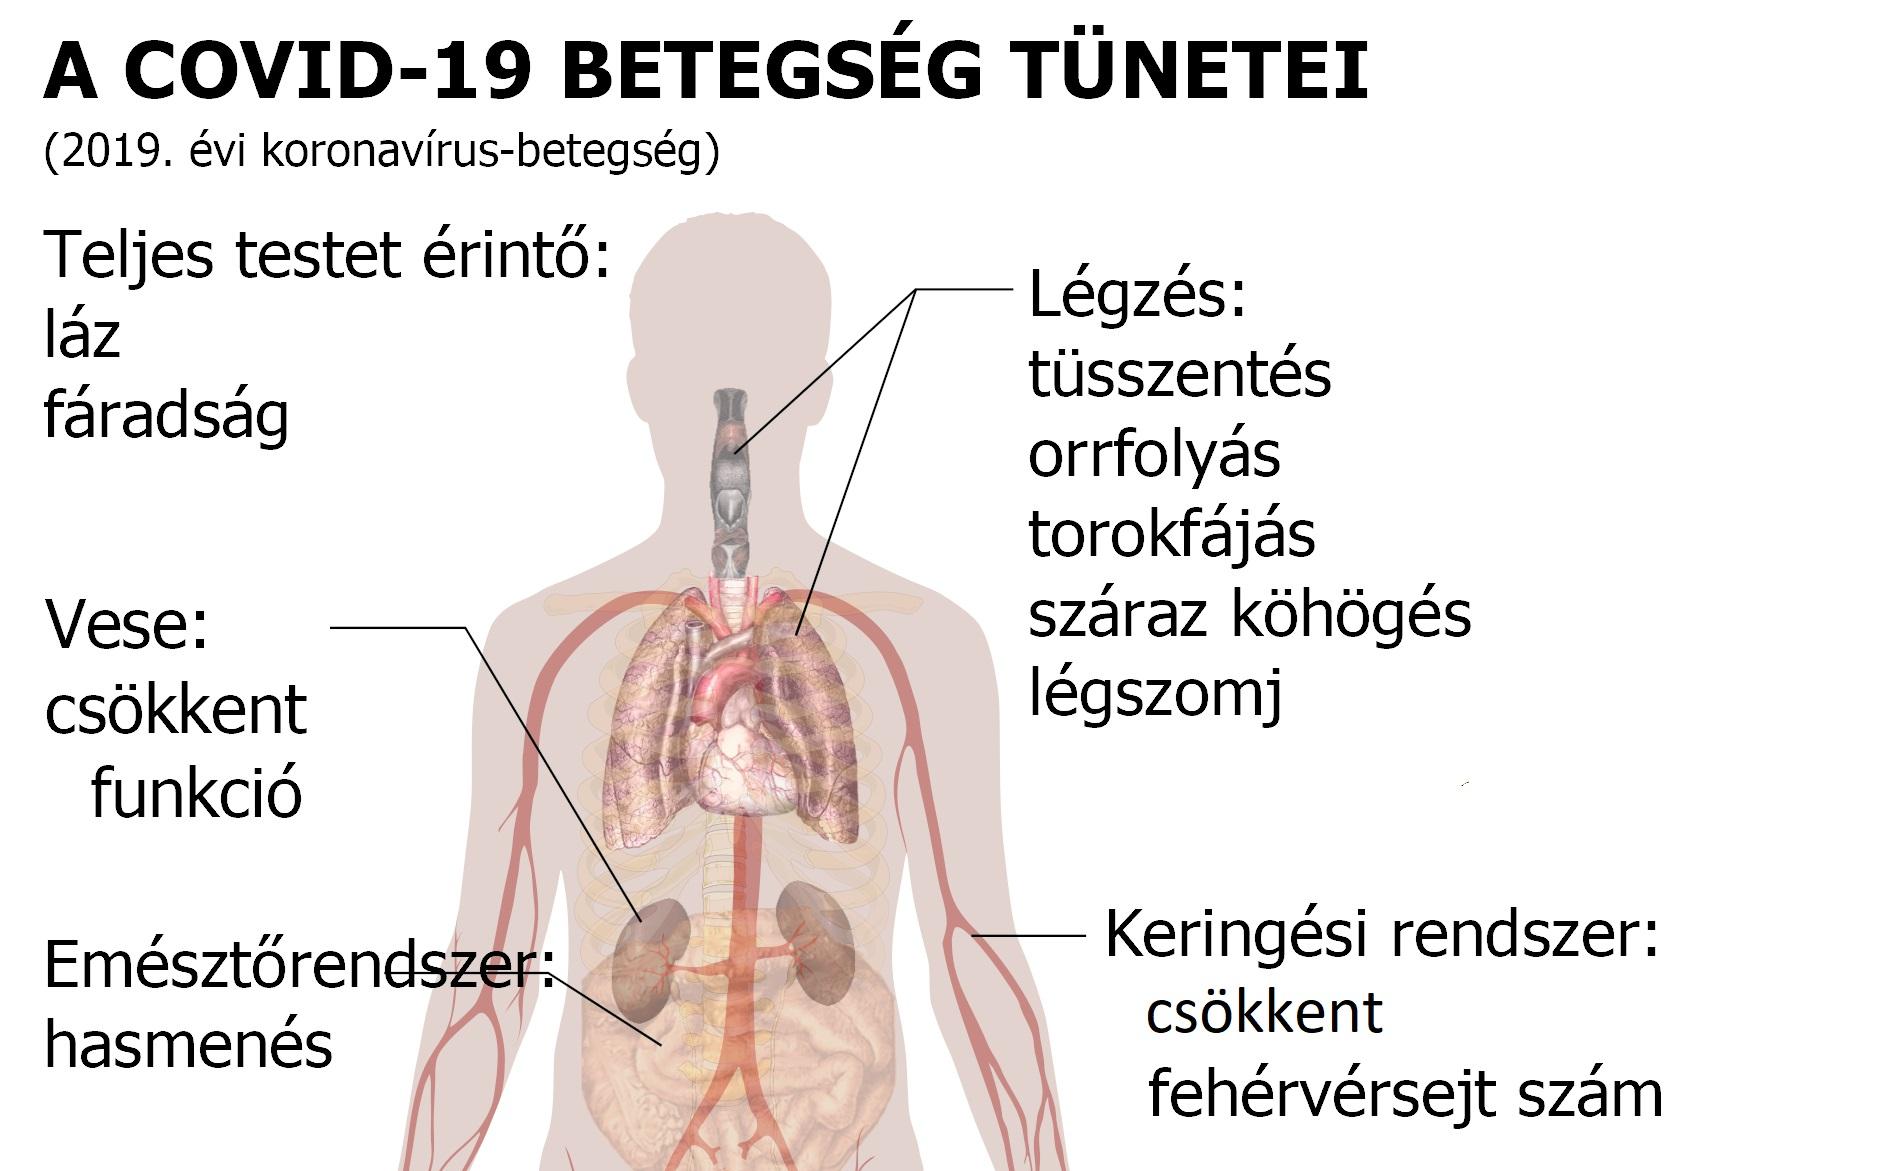 magas vérnyomás porlasztó magas vérnyomás kezelése hormonokkal